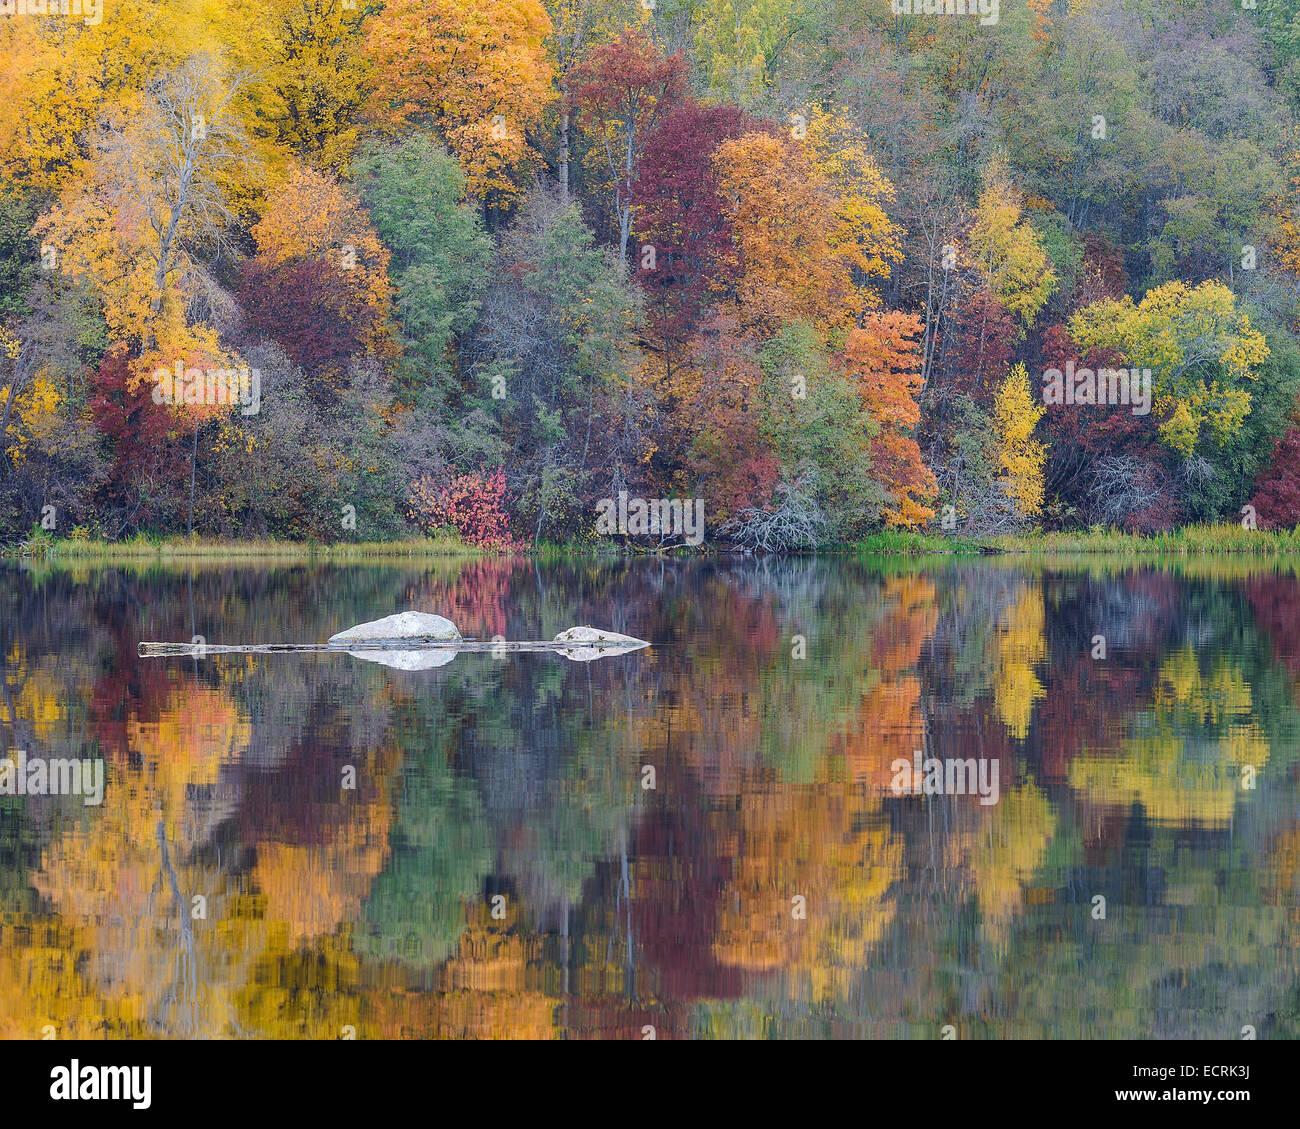 Les roches et une forêt d'automne reflètent dans une rivière. Photo Stock